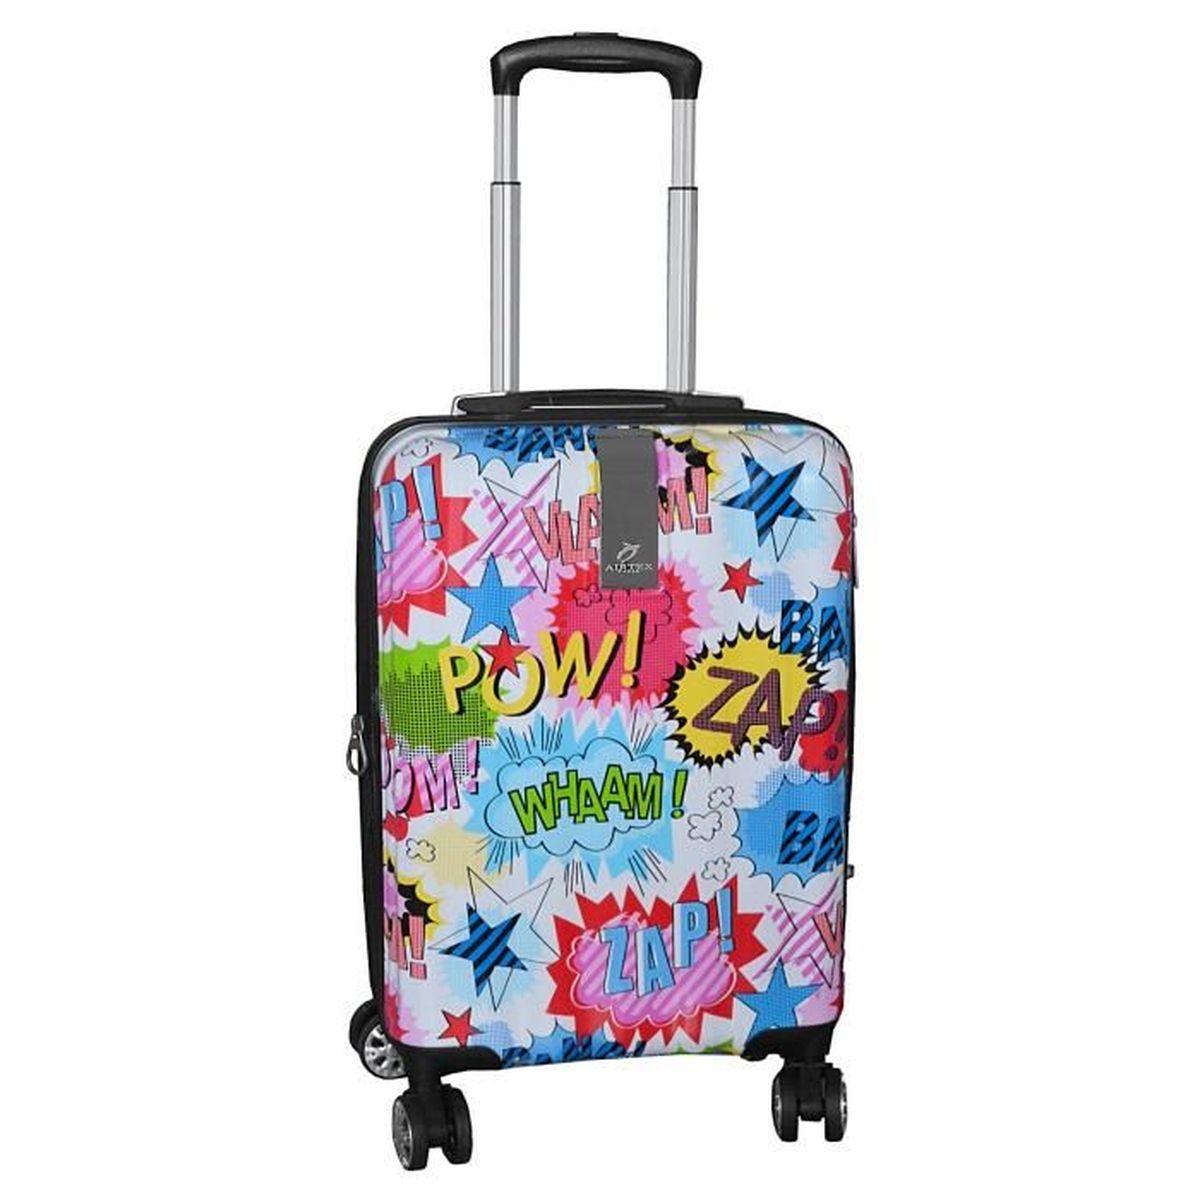 valise cabine 4 roues motifs couleurs bd paris airtex blanc blanc achat vente valise. Black Bedroom Furniture Sets. Home Design Ideas